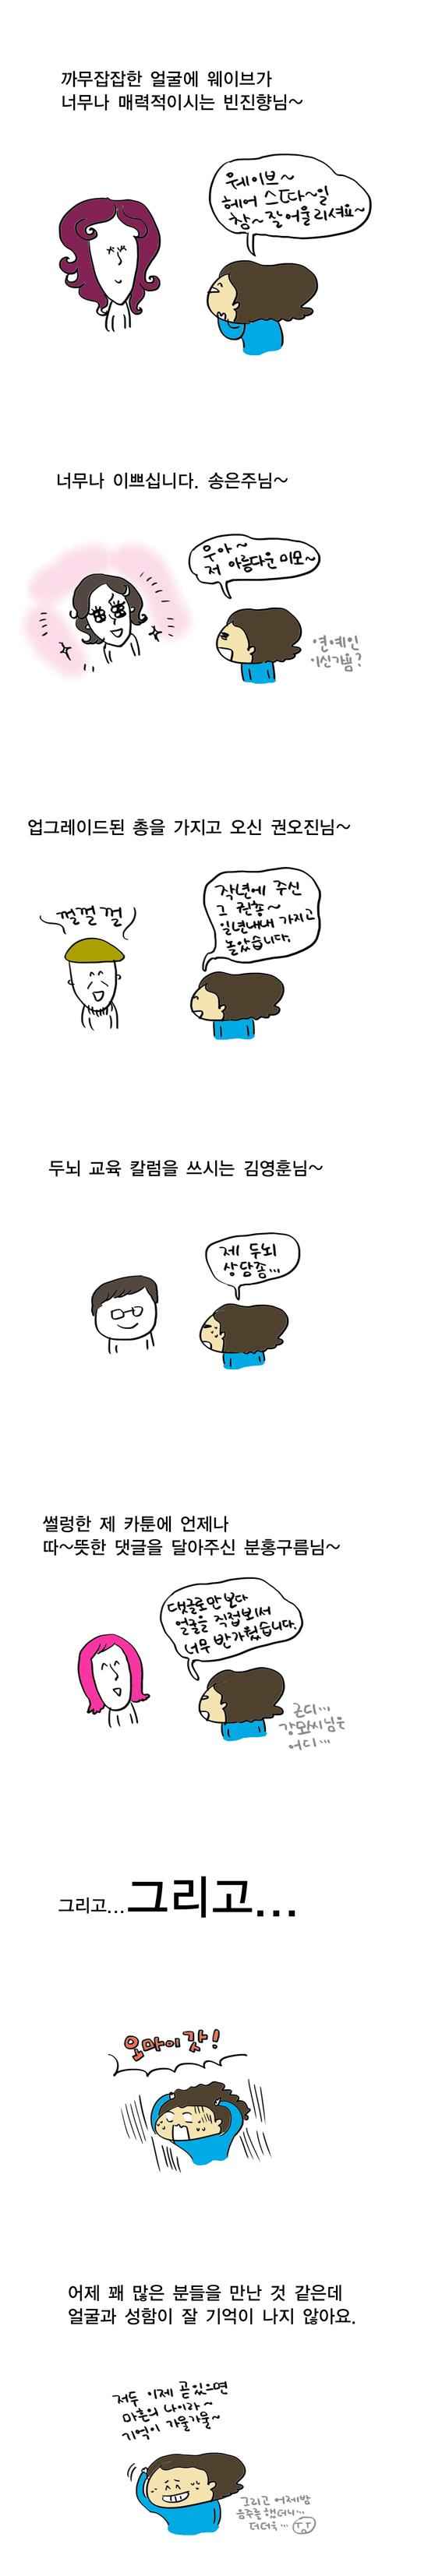 한겨레베이비트리송년회후기2.jpg